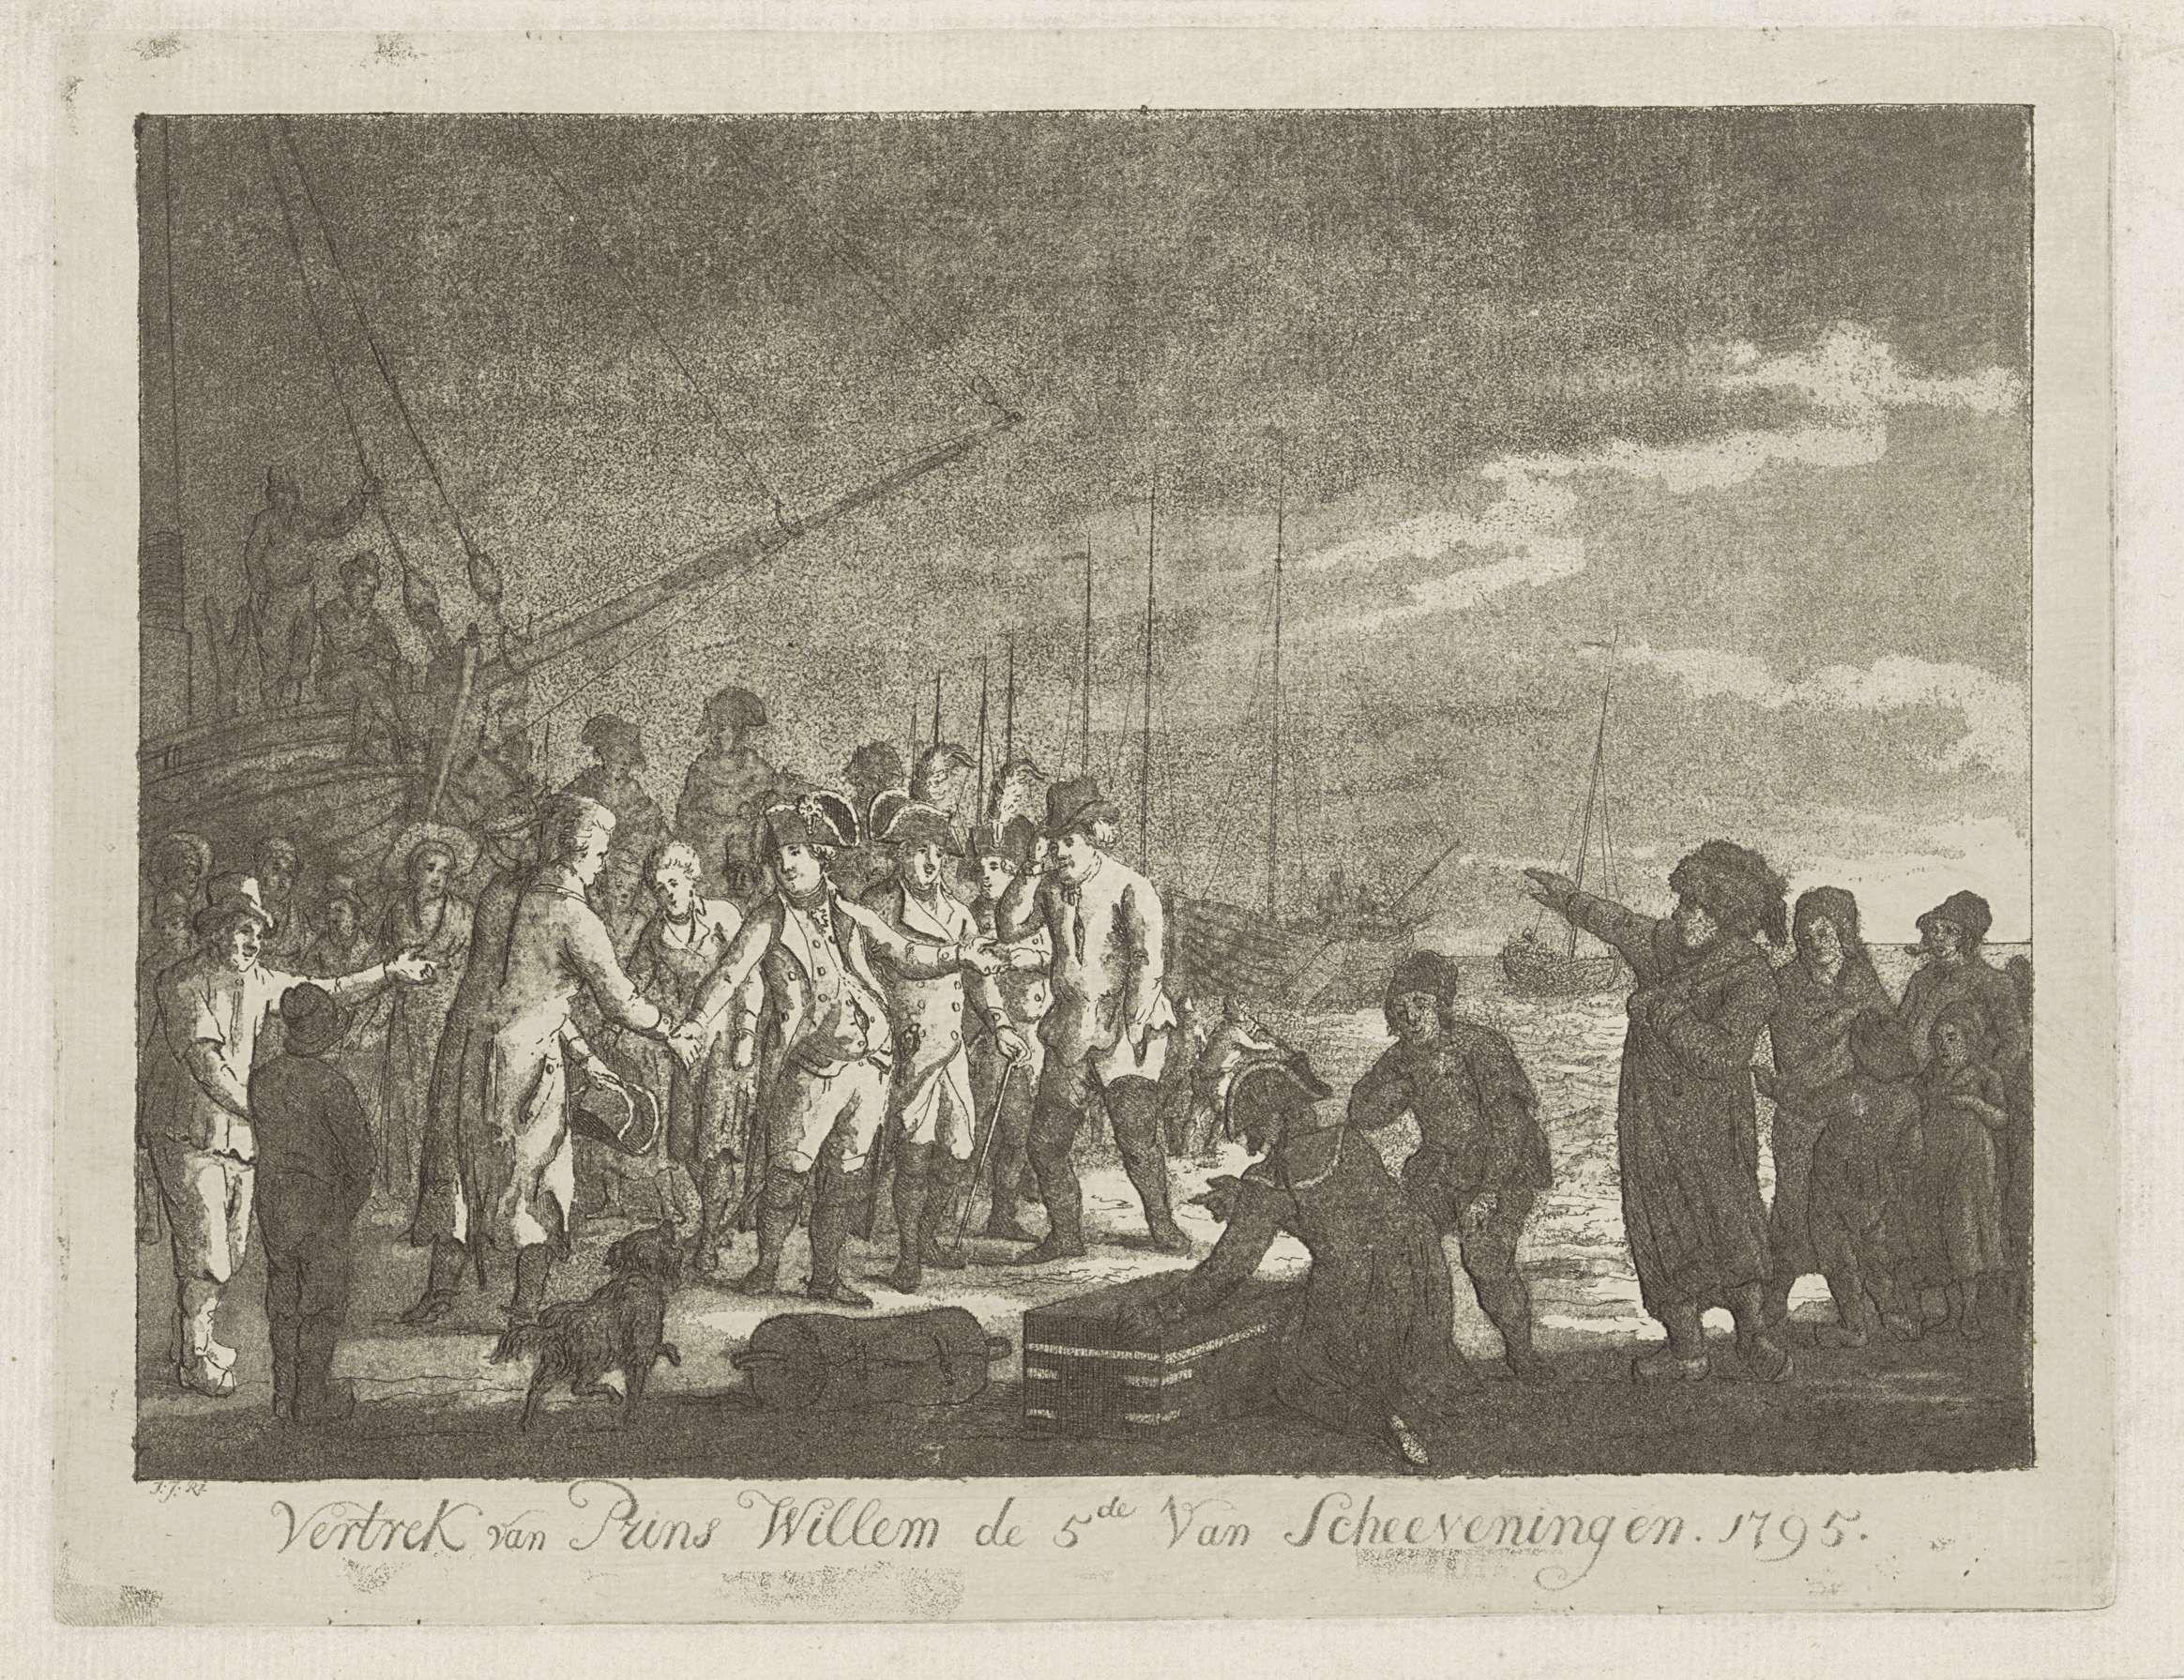 Johannes Jelgerhuis | Prins Willem V vertrekt vanuit Scheveningen, 1795, Johannes Jelgerhuis, 1795 | Vertrek van prins Willem V vanaf het strand van Scheveningen naar Engeland, 18 januari 1795. De stadhouder neemt op het strand afscheid tussen het toegestroomde publiek. Links wacht de pink.